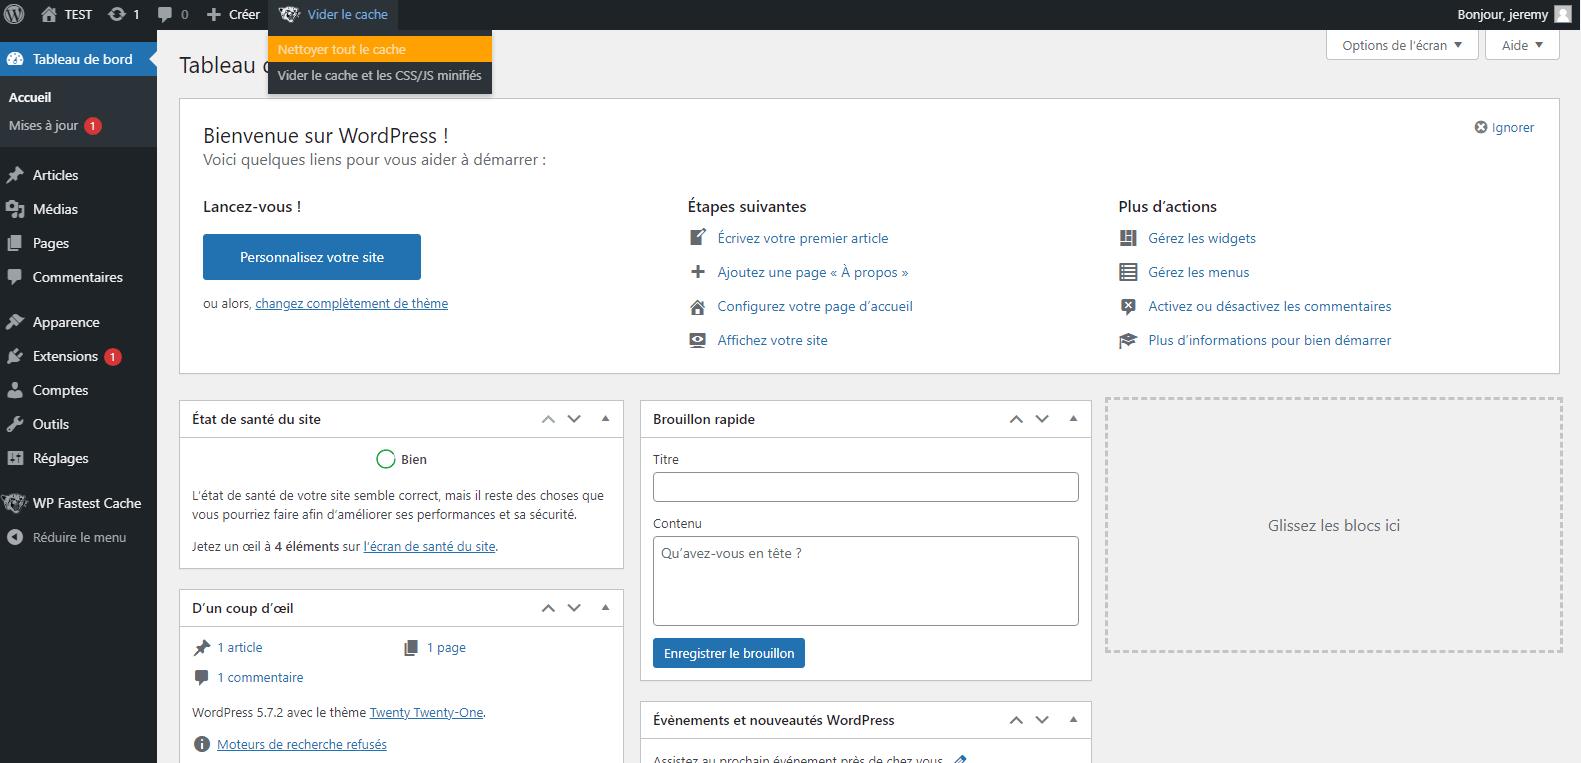 vider le cache wordpress avec wp fastest cache